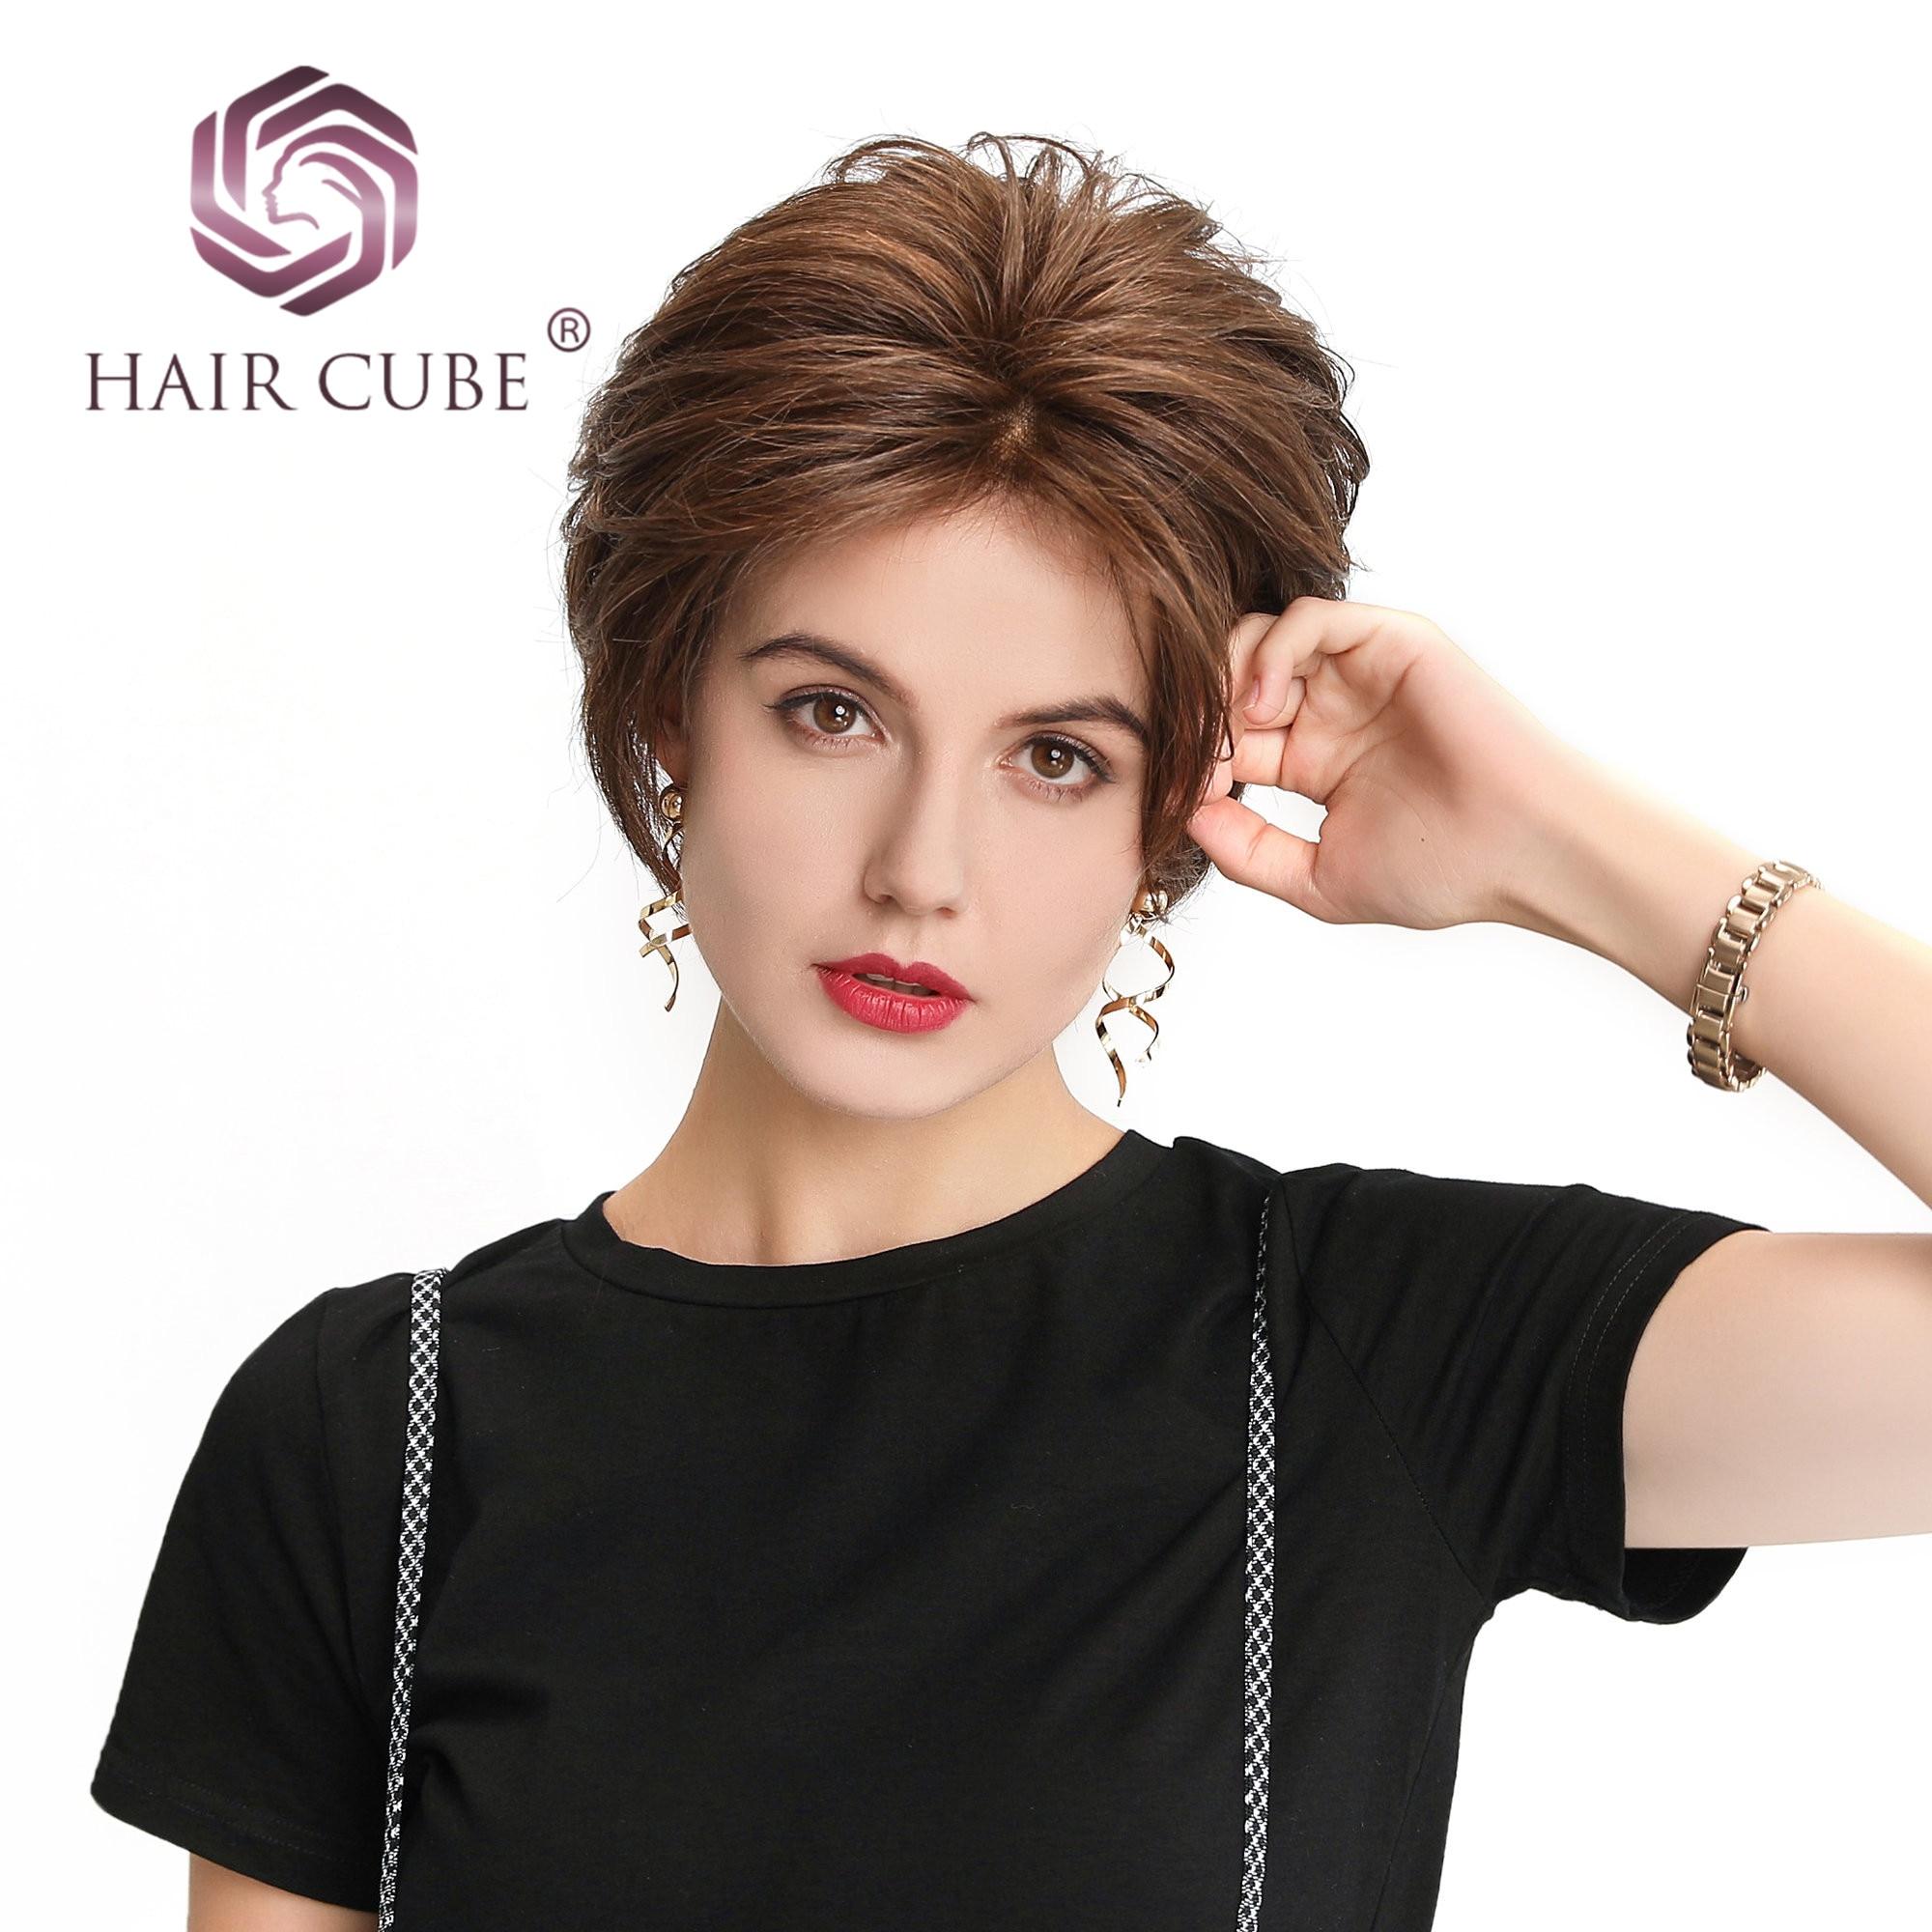 Haircube synthétique dentelle avant perruques 6 pouces 50% cheveux humains mélange Pixie coupe courte perruque de cheveux avec ligne de cheveux naturelle pour les femmes 4 couleurs